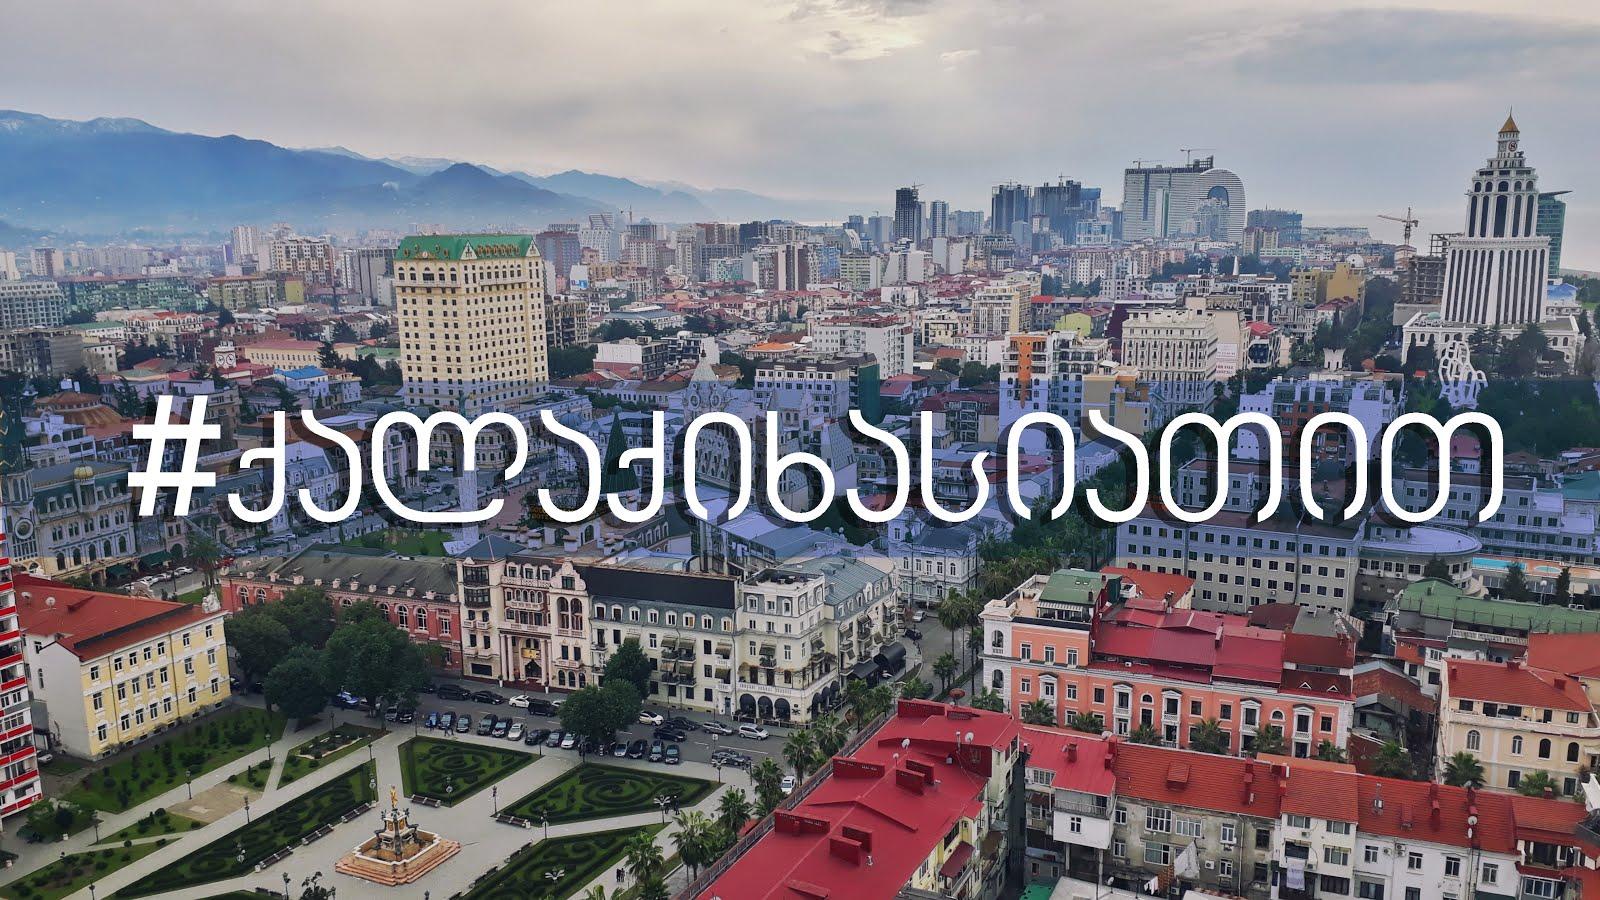 ქალაქი ხასიათით - შენი შანსი გამოუტყდე ქალაქს სიყვარულში